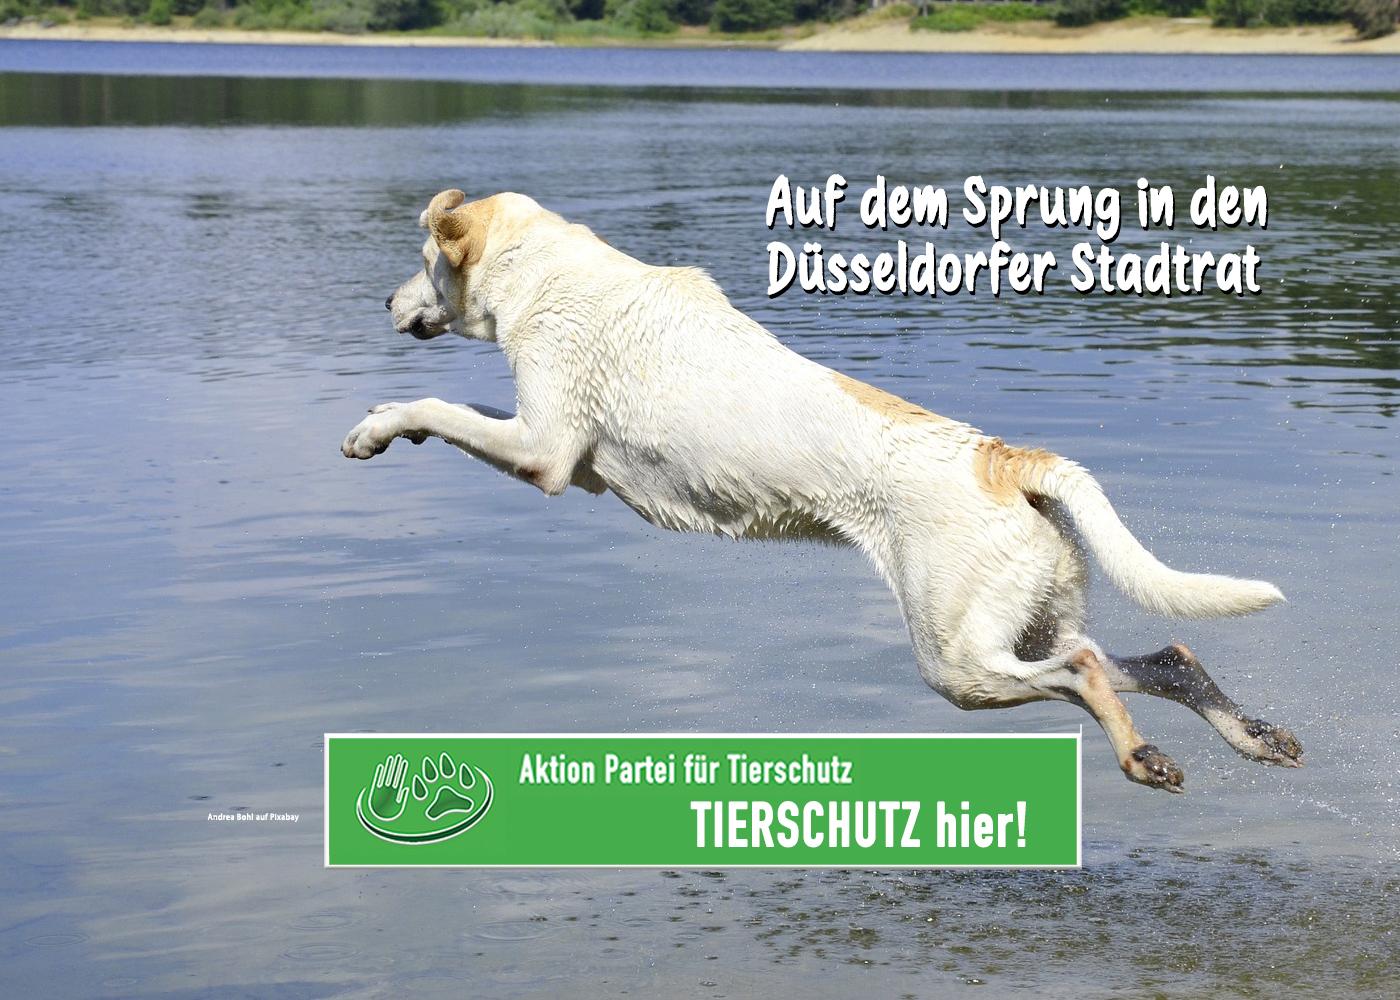 Hund auf dem Sprung